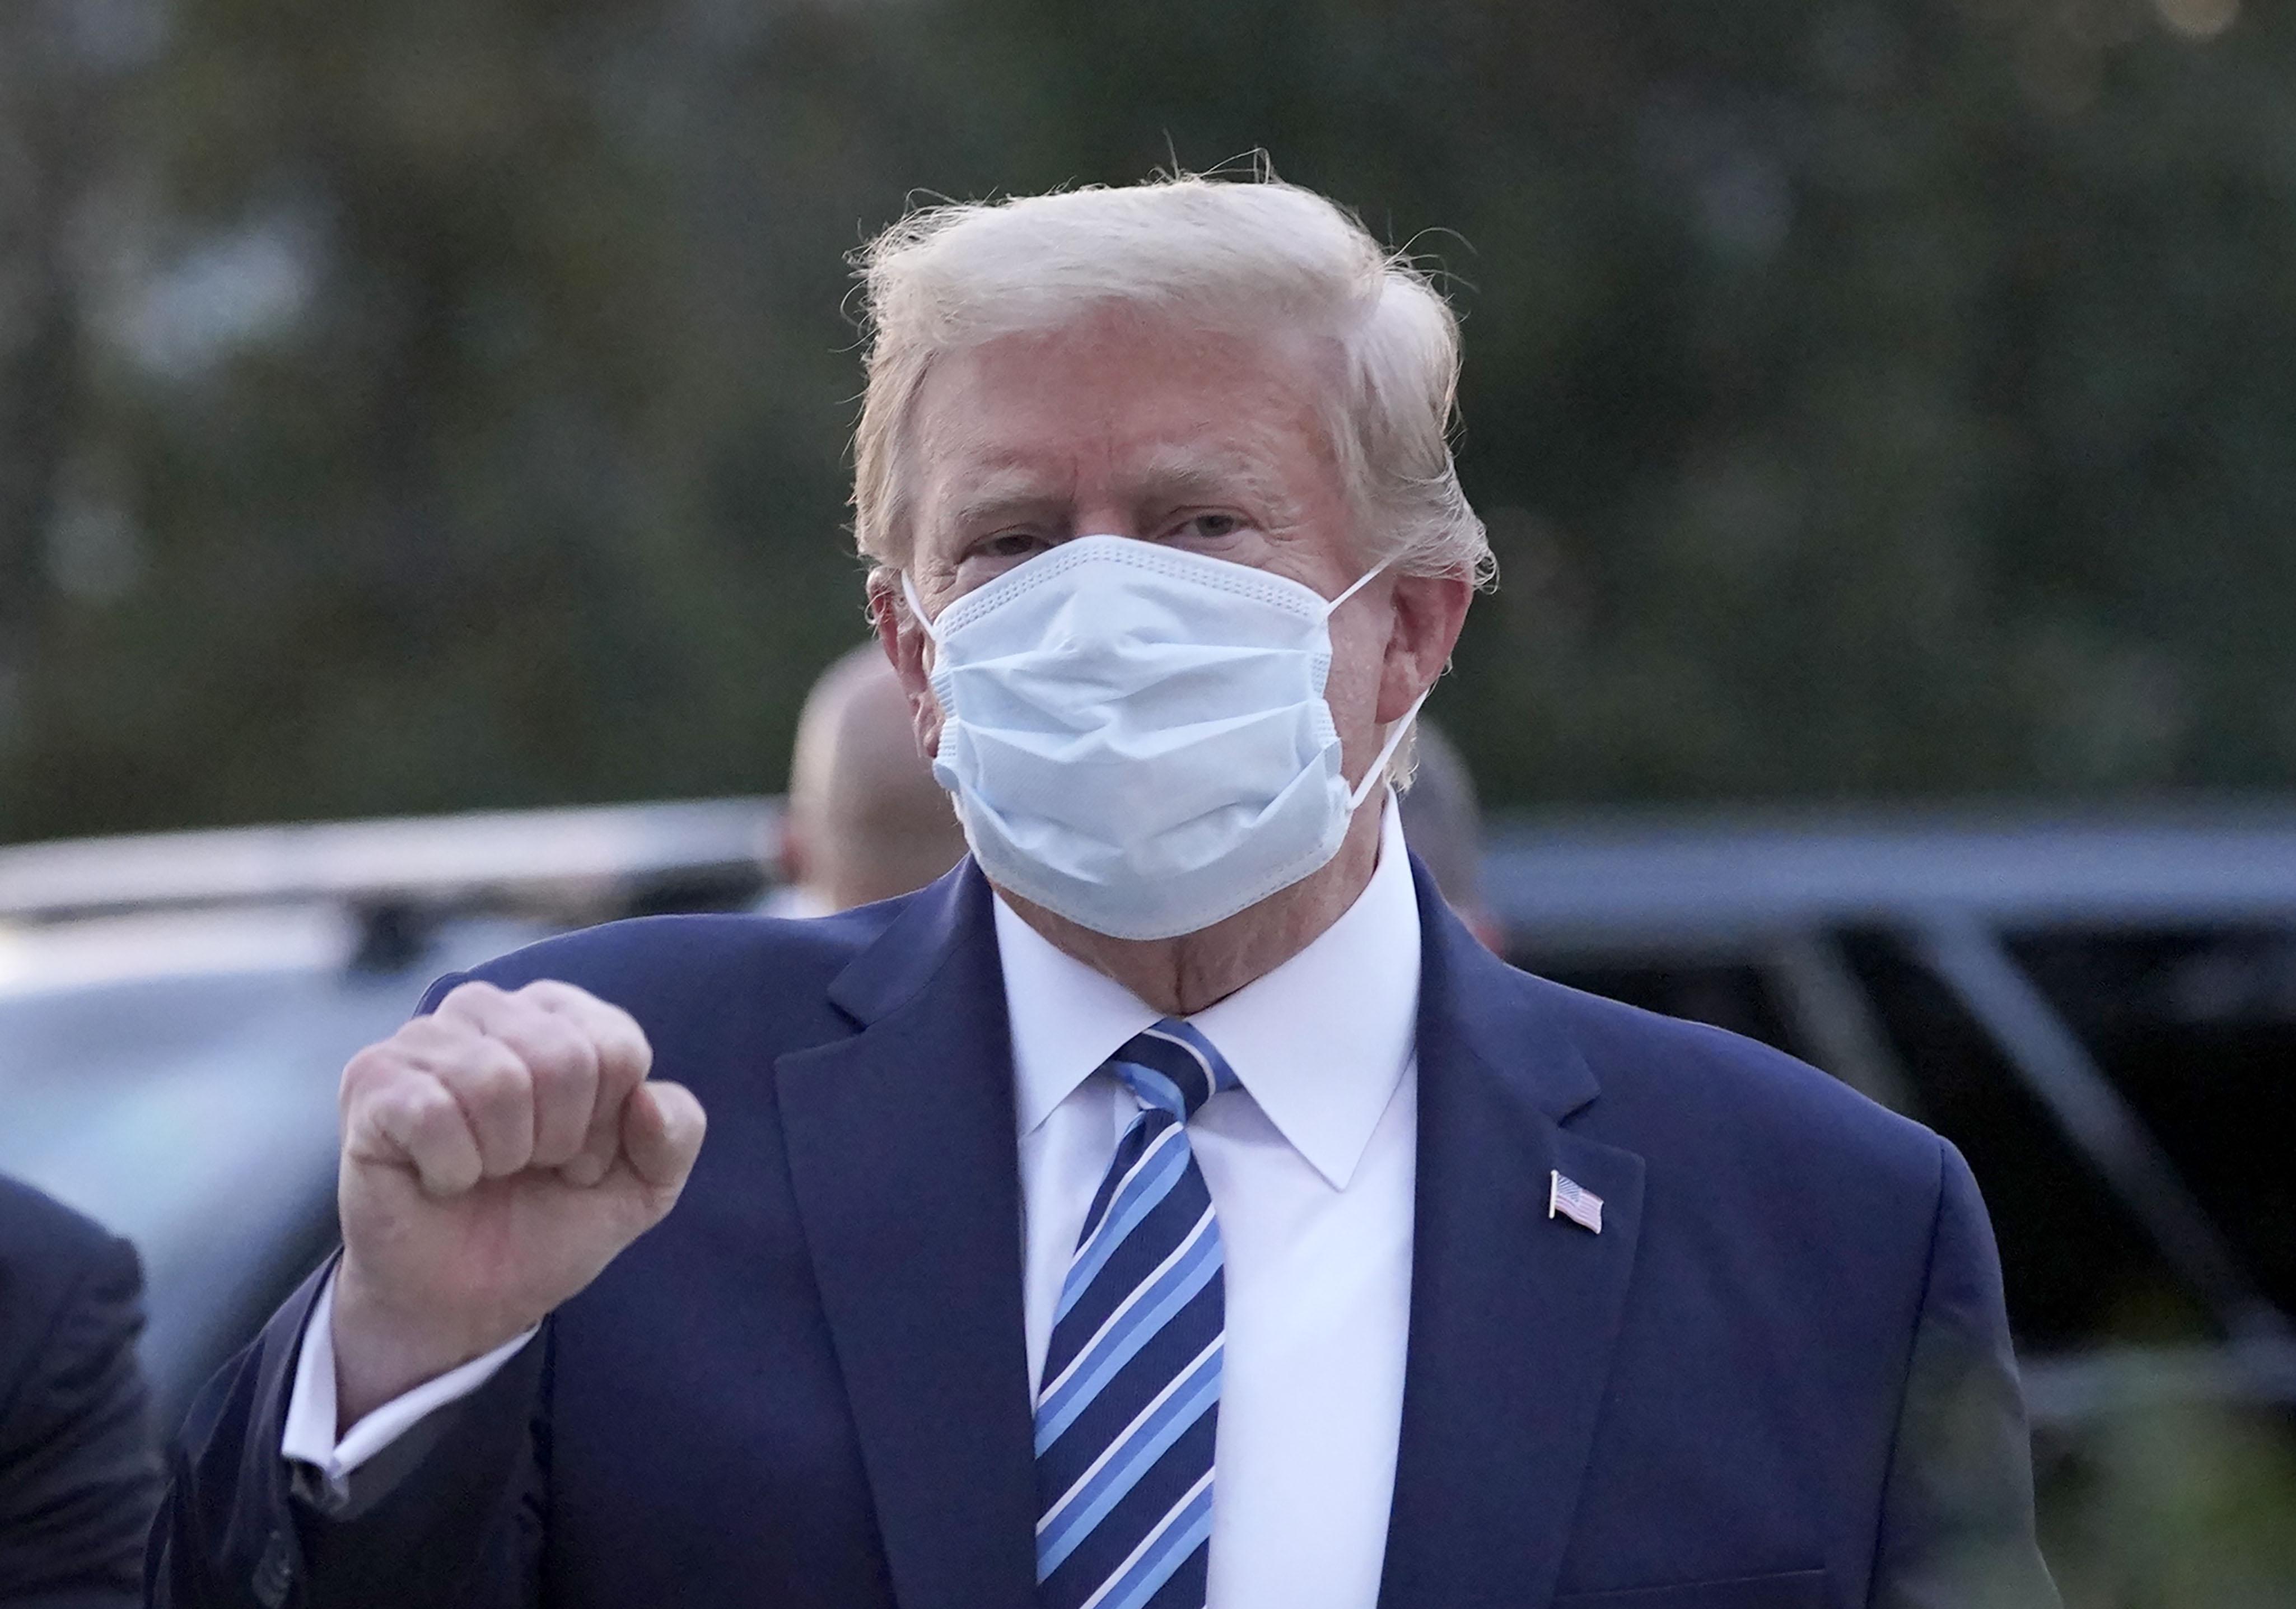 Ce face Donald Trump în izolare, la două zile după ce a revenit din spital